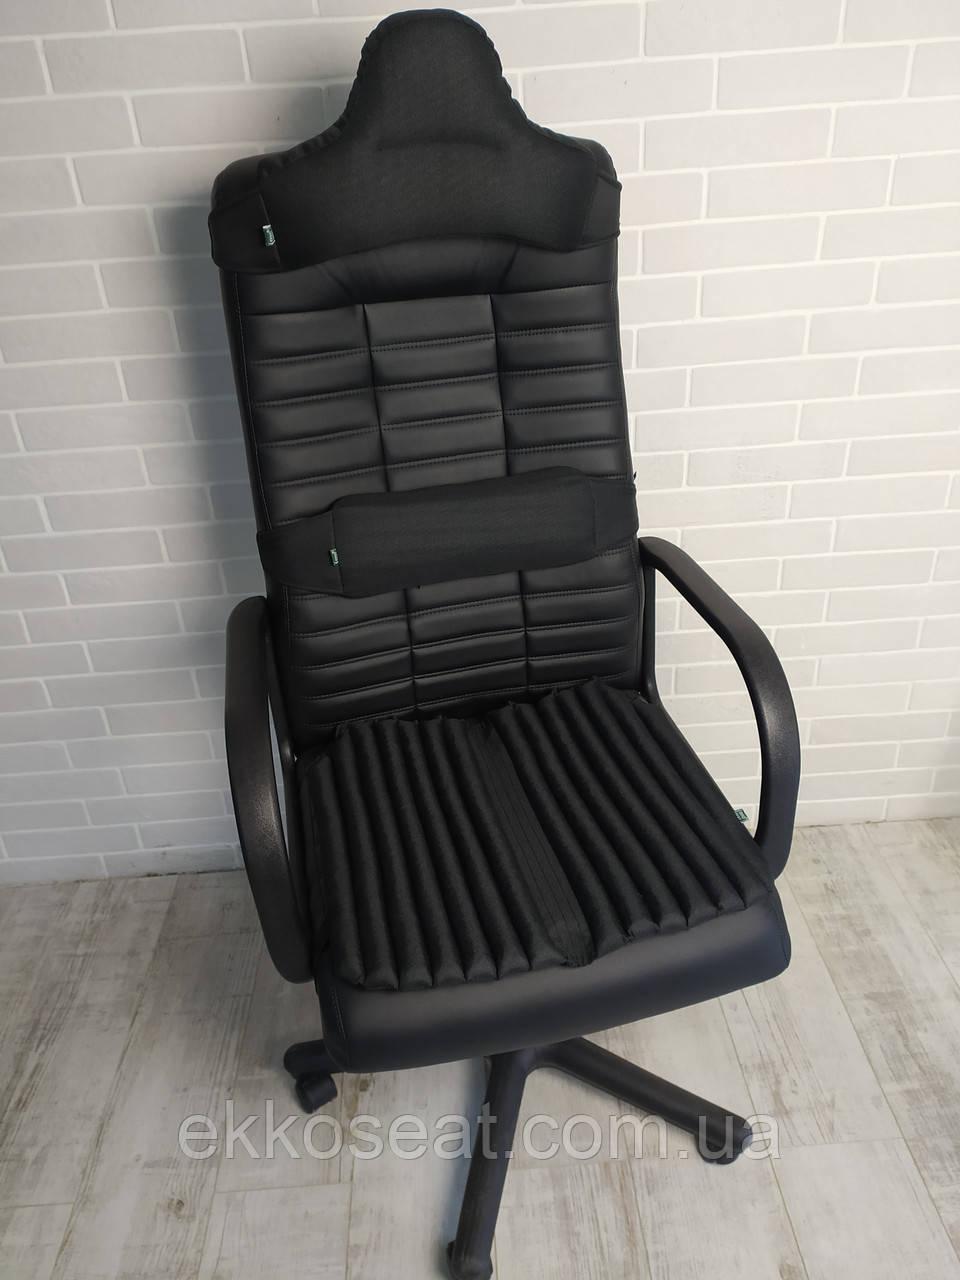 Подарок руководителю. Ортопедическая подушка для сидения на кресле. EKKOSEAT. Черная и др.